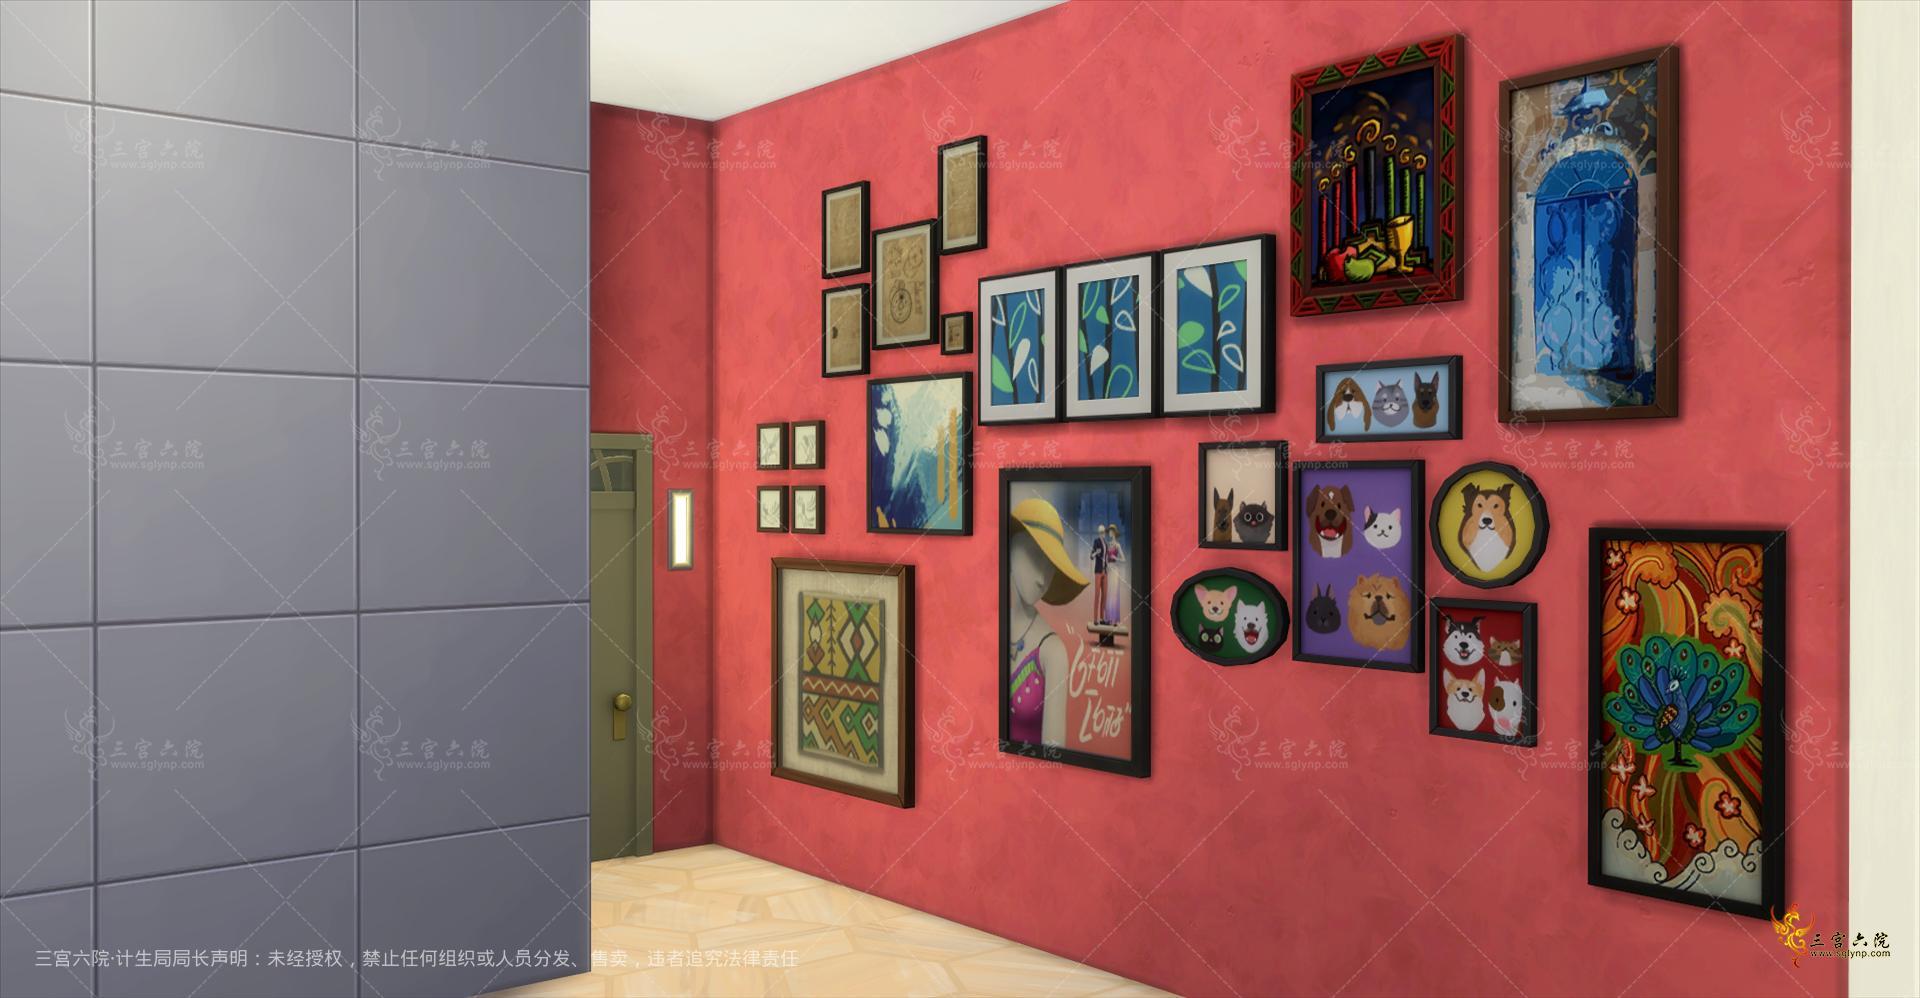 Sims 4 Screenshot 2021.08.23 - 09.54.05.43.png